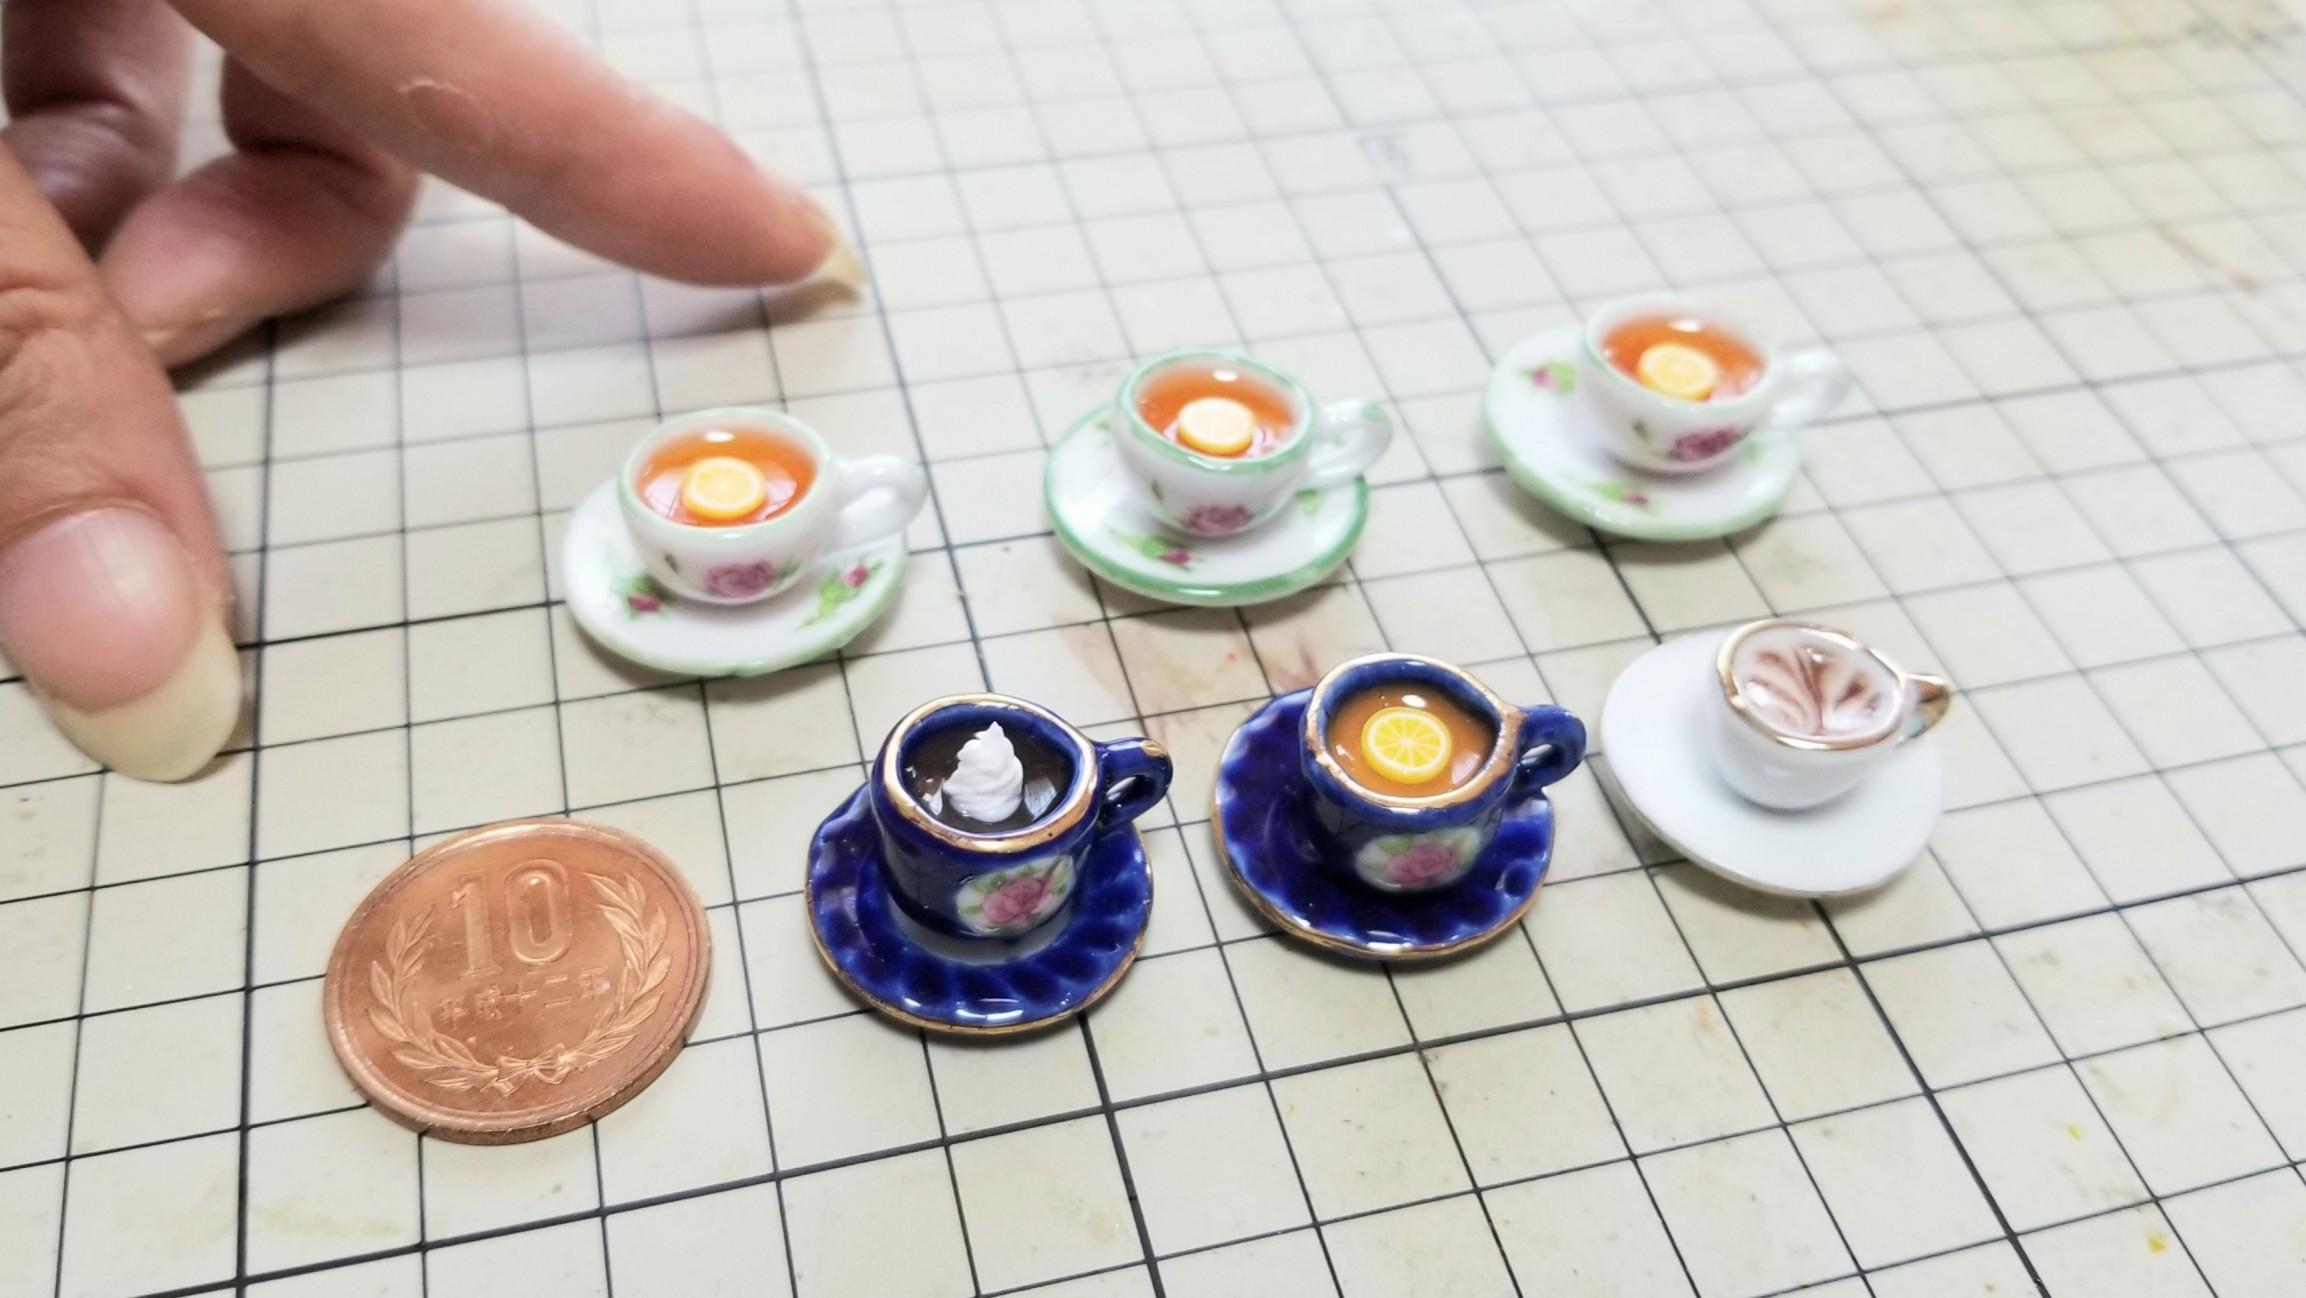 ミニチュアフード飲み物かわいいおすすめドール用品小物作家ブログ